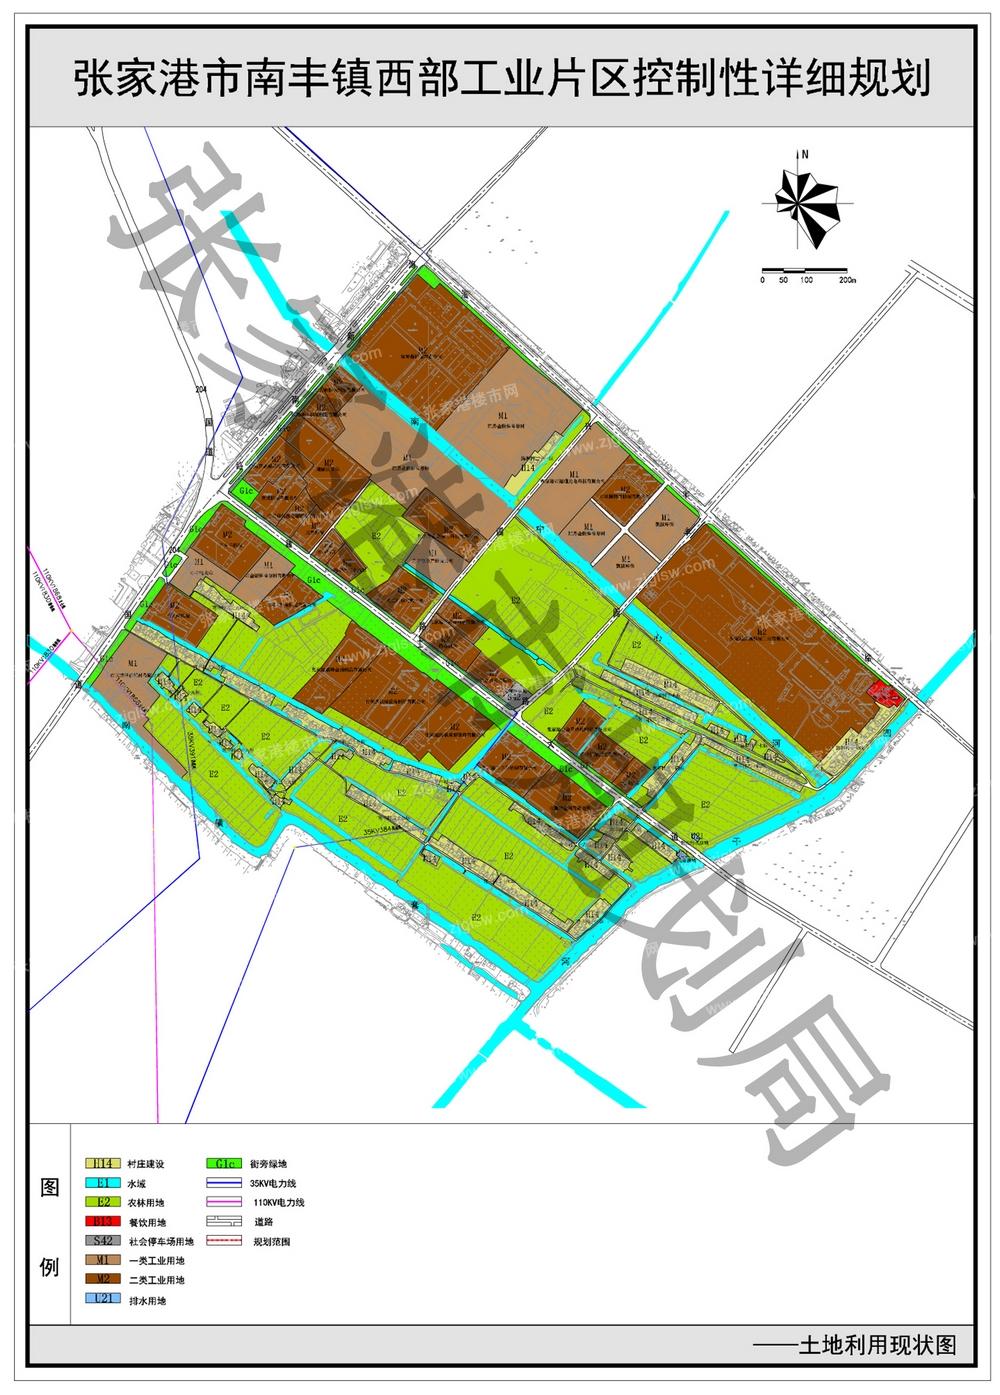 海丰路及海新南路规划道路红线宽度32米